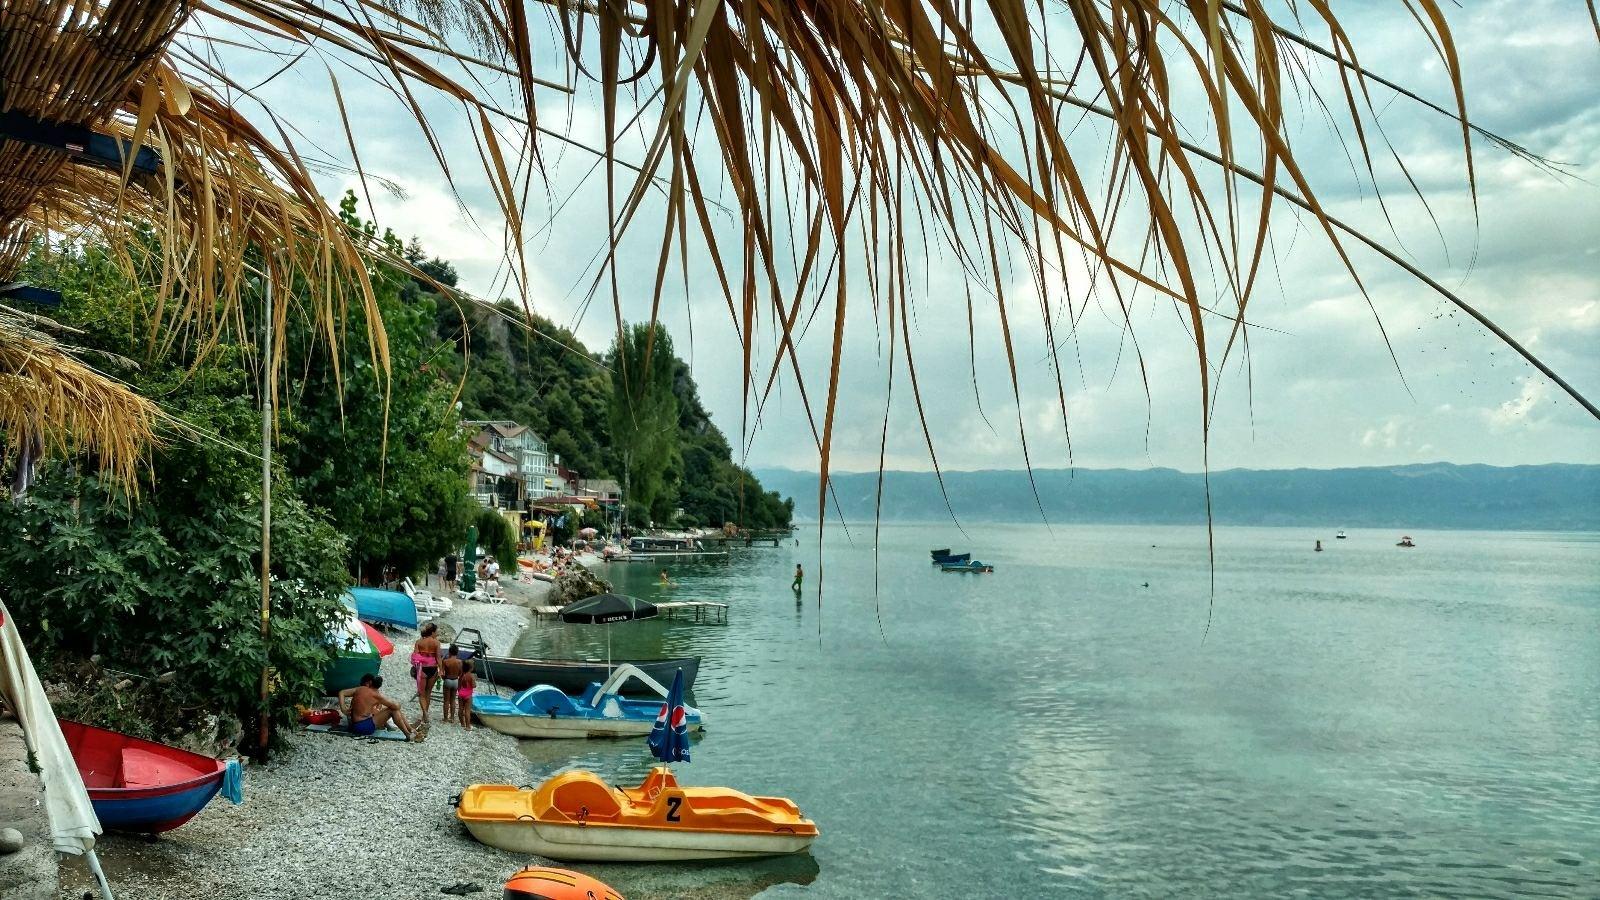 Sightseeing Ohrid | Trpejca